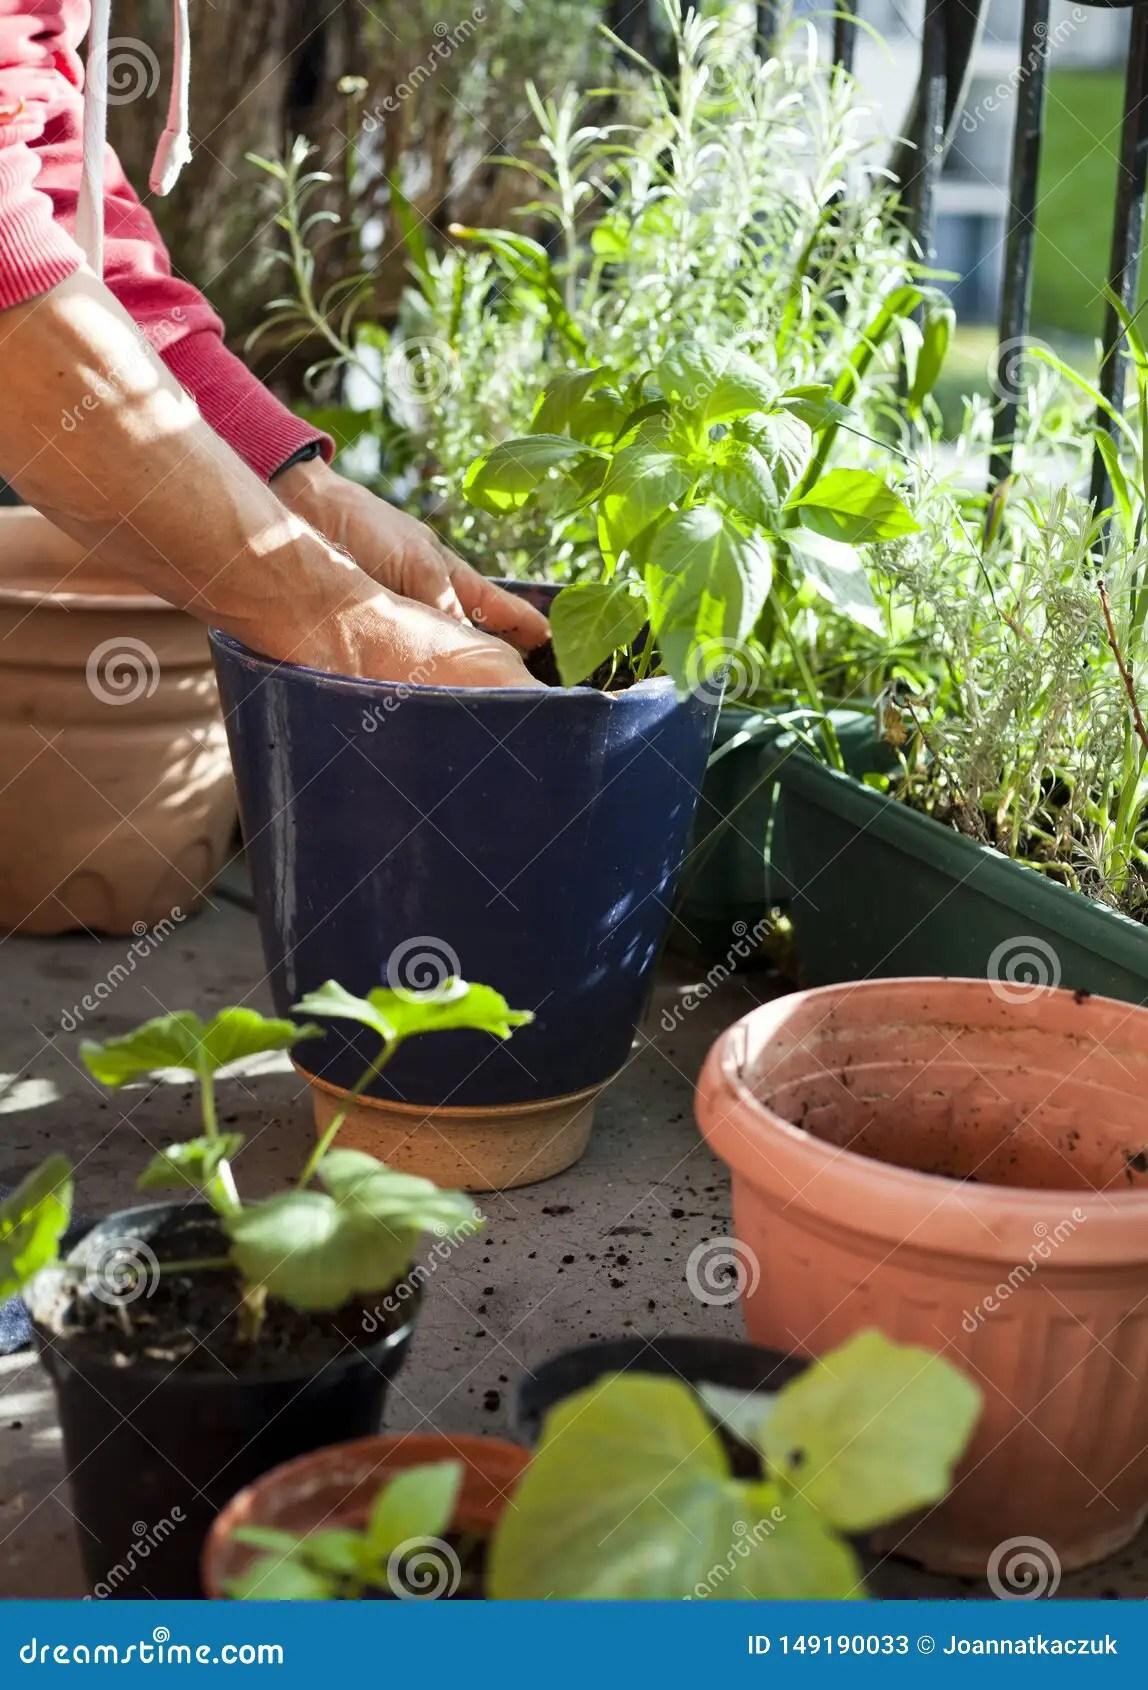 Gardener Activity On The Sunny Balcony